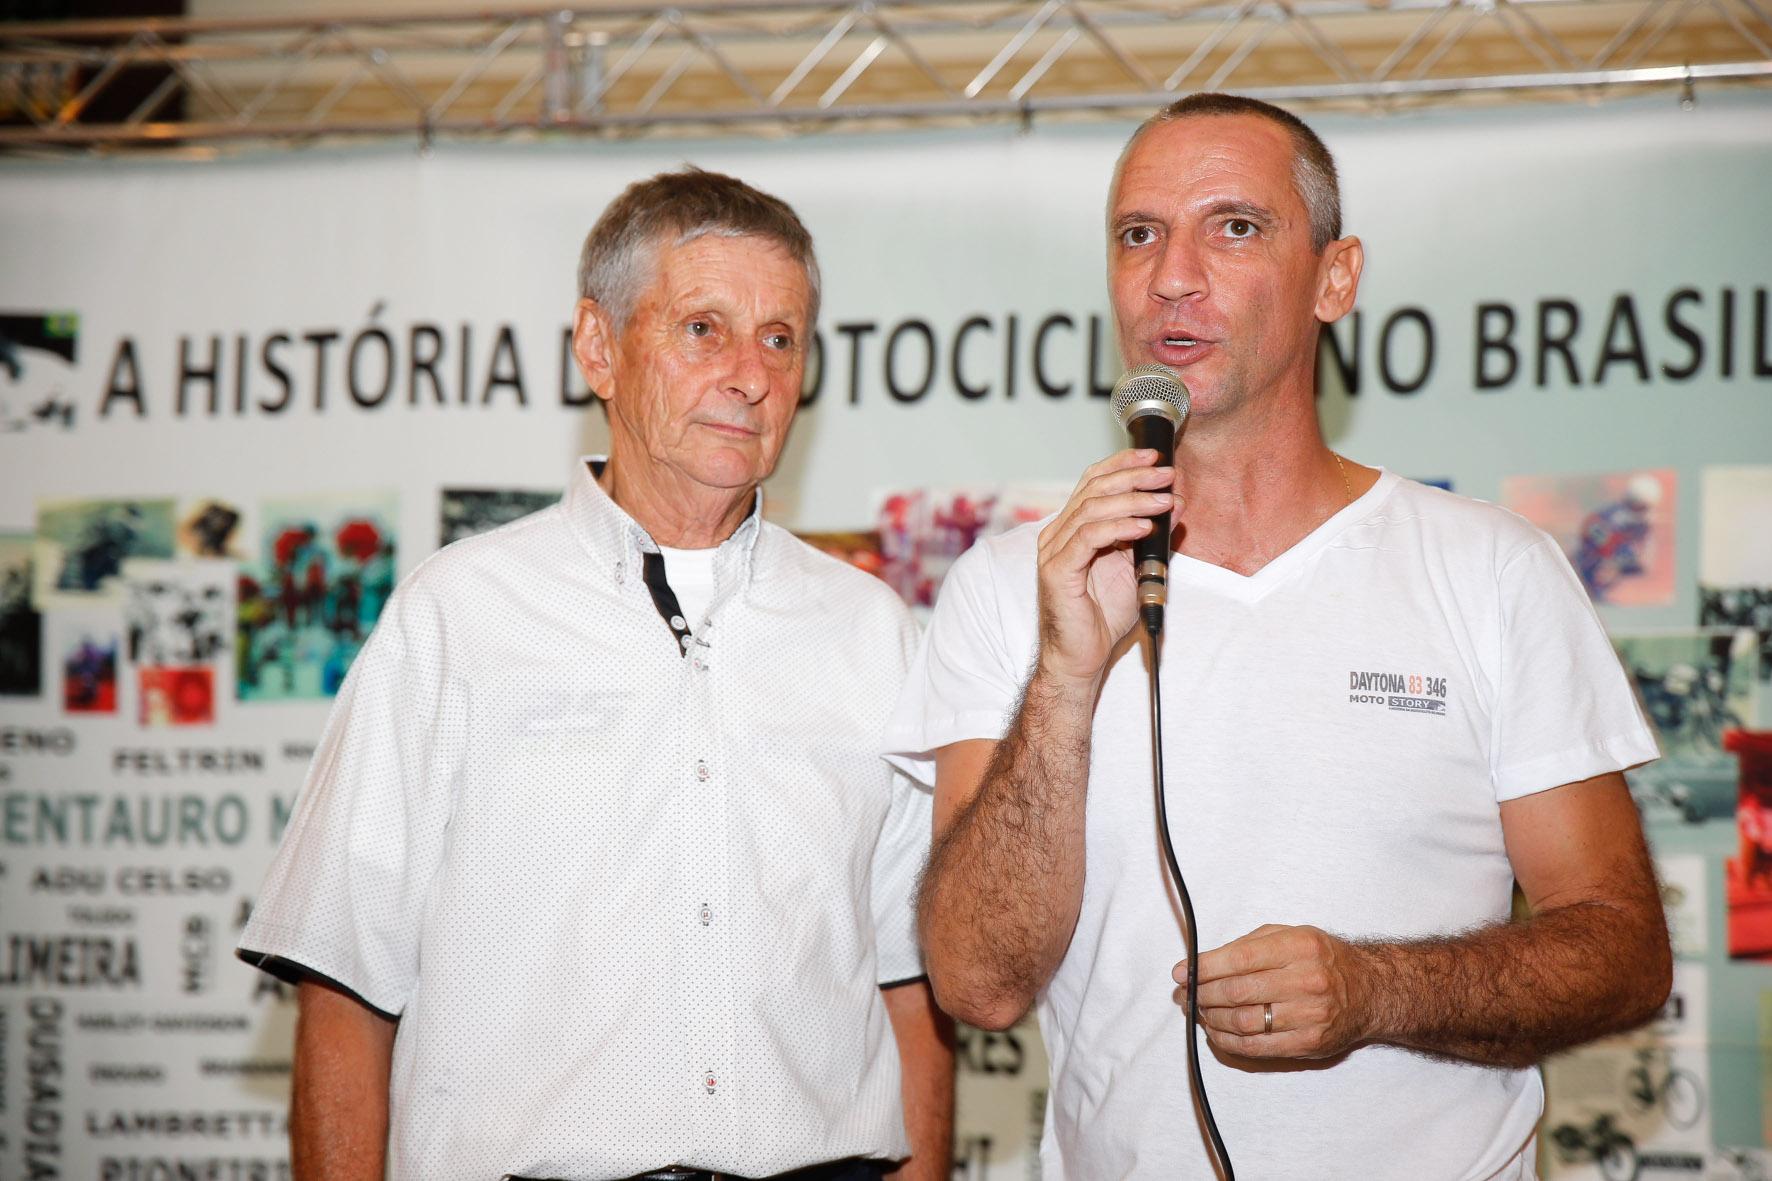 Sarachú e carlãozinho em noite de Daytona 83 346. Foto: Haroldo Nogueira / Motostory